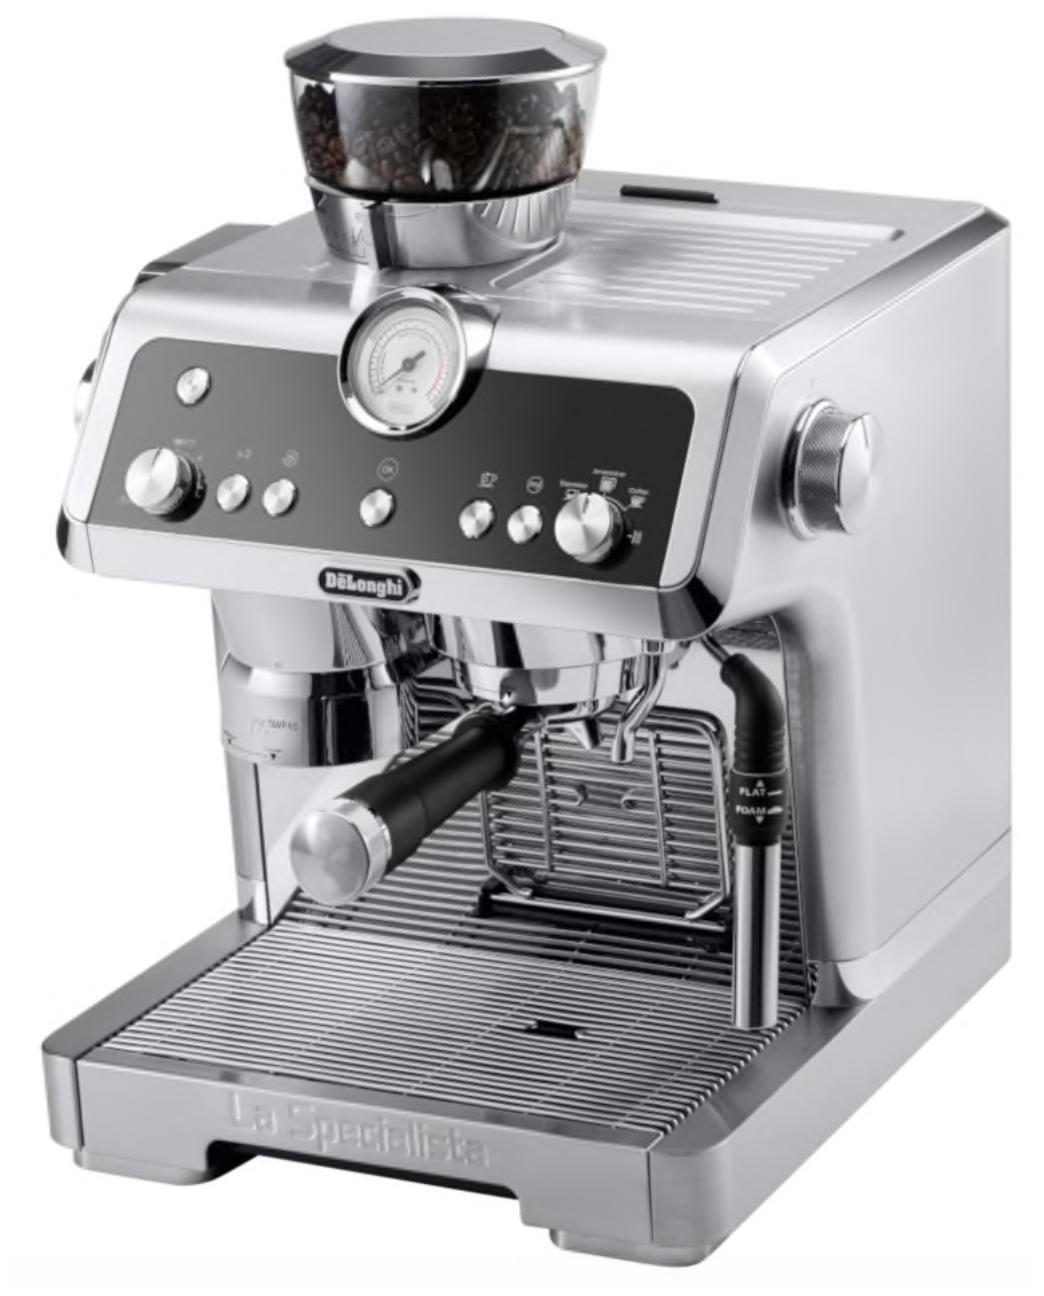 De'Longhi La Specialista EC 9335.M - тип используемого кофе: молотый / зерновой